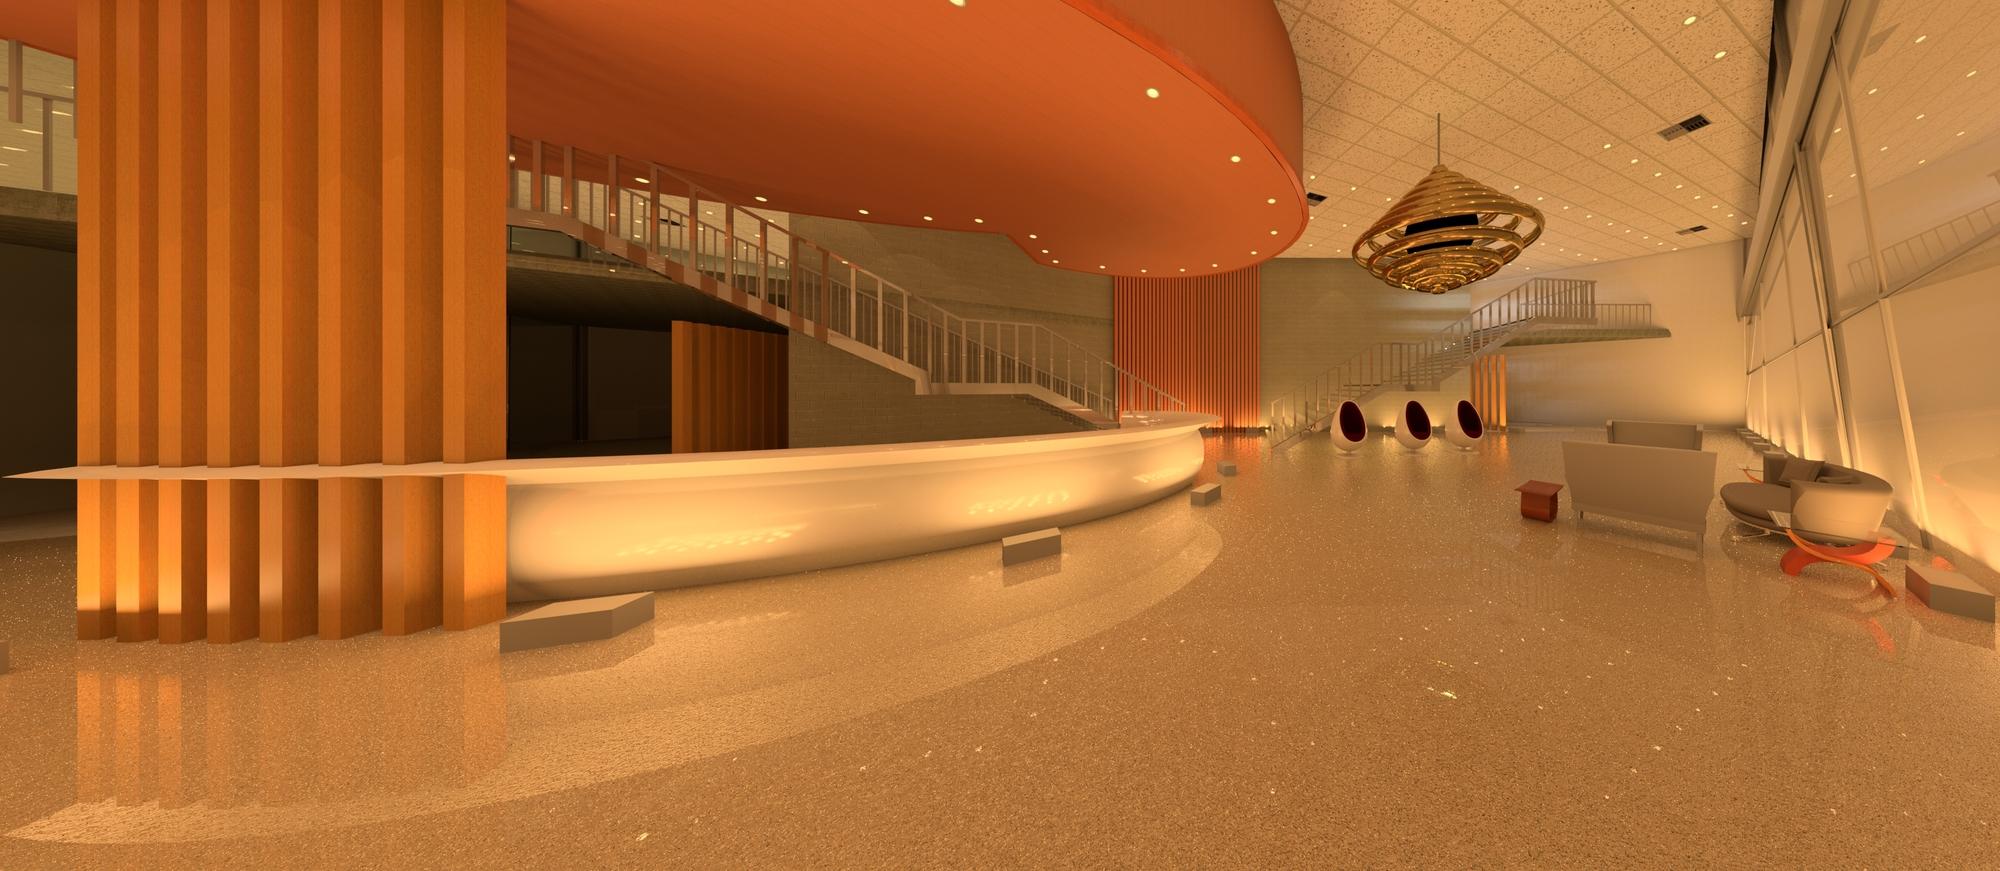 Raas-rendering20141105-12575-t5flhk